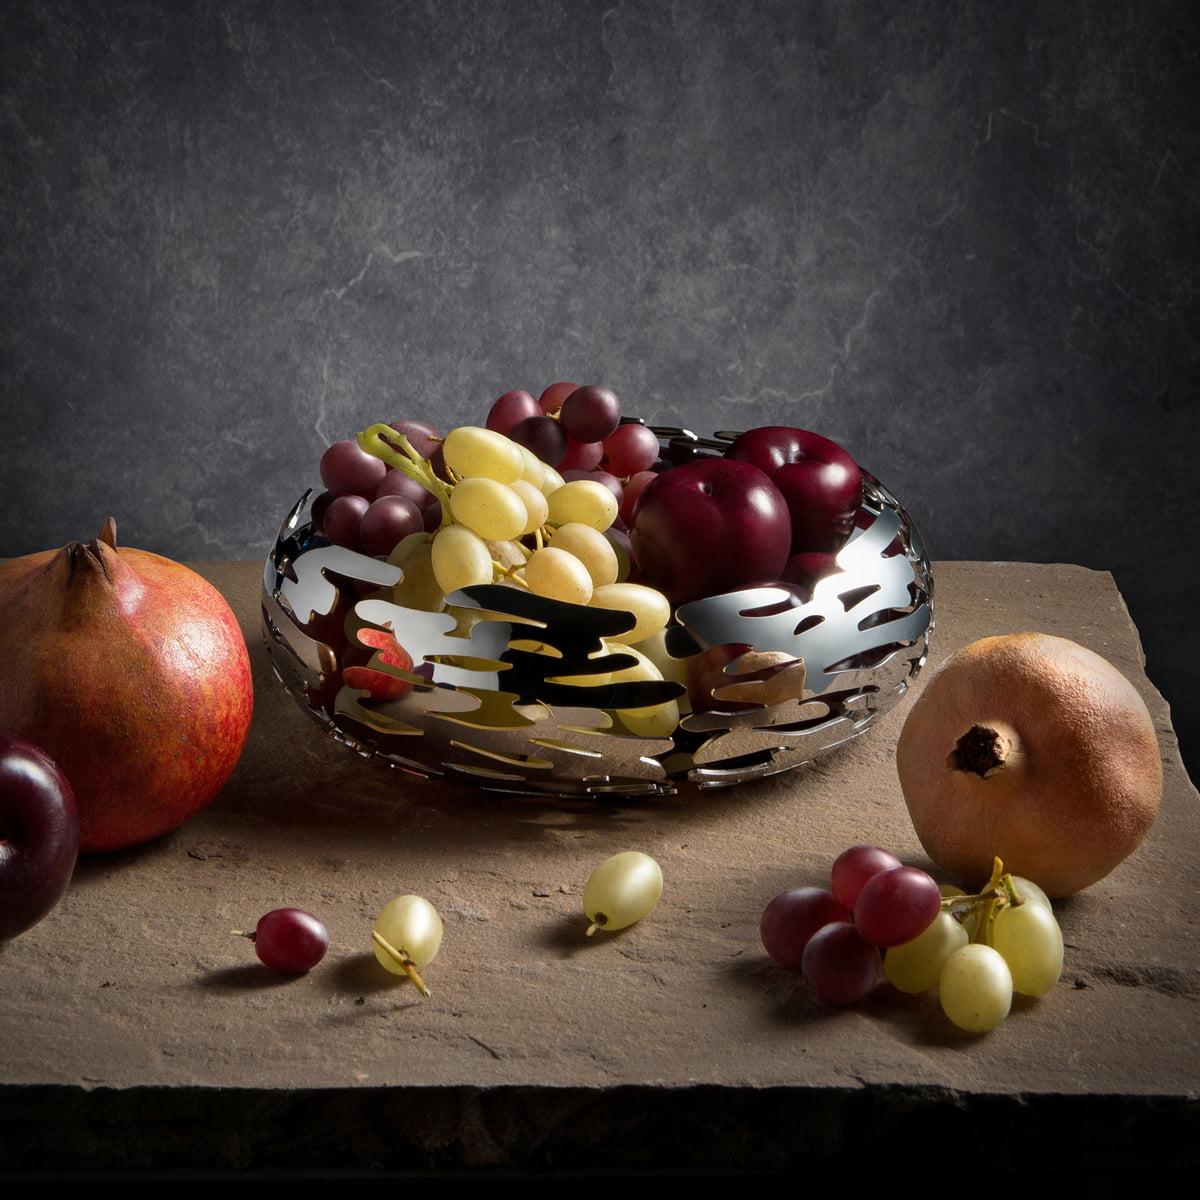 zu hause neuheit küchenutensilien kleine wal holder stand obst und gemüse.